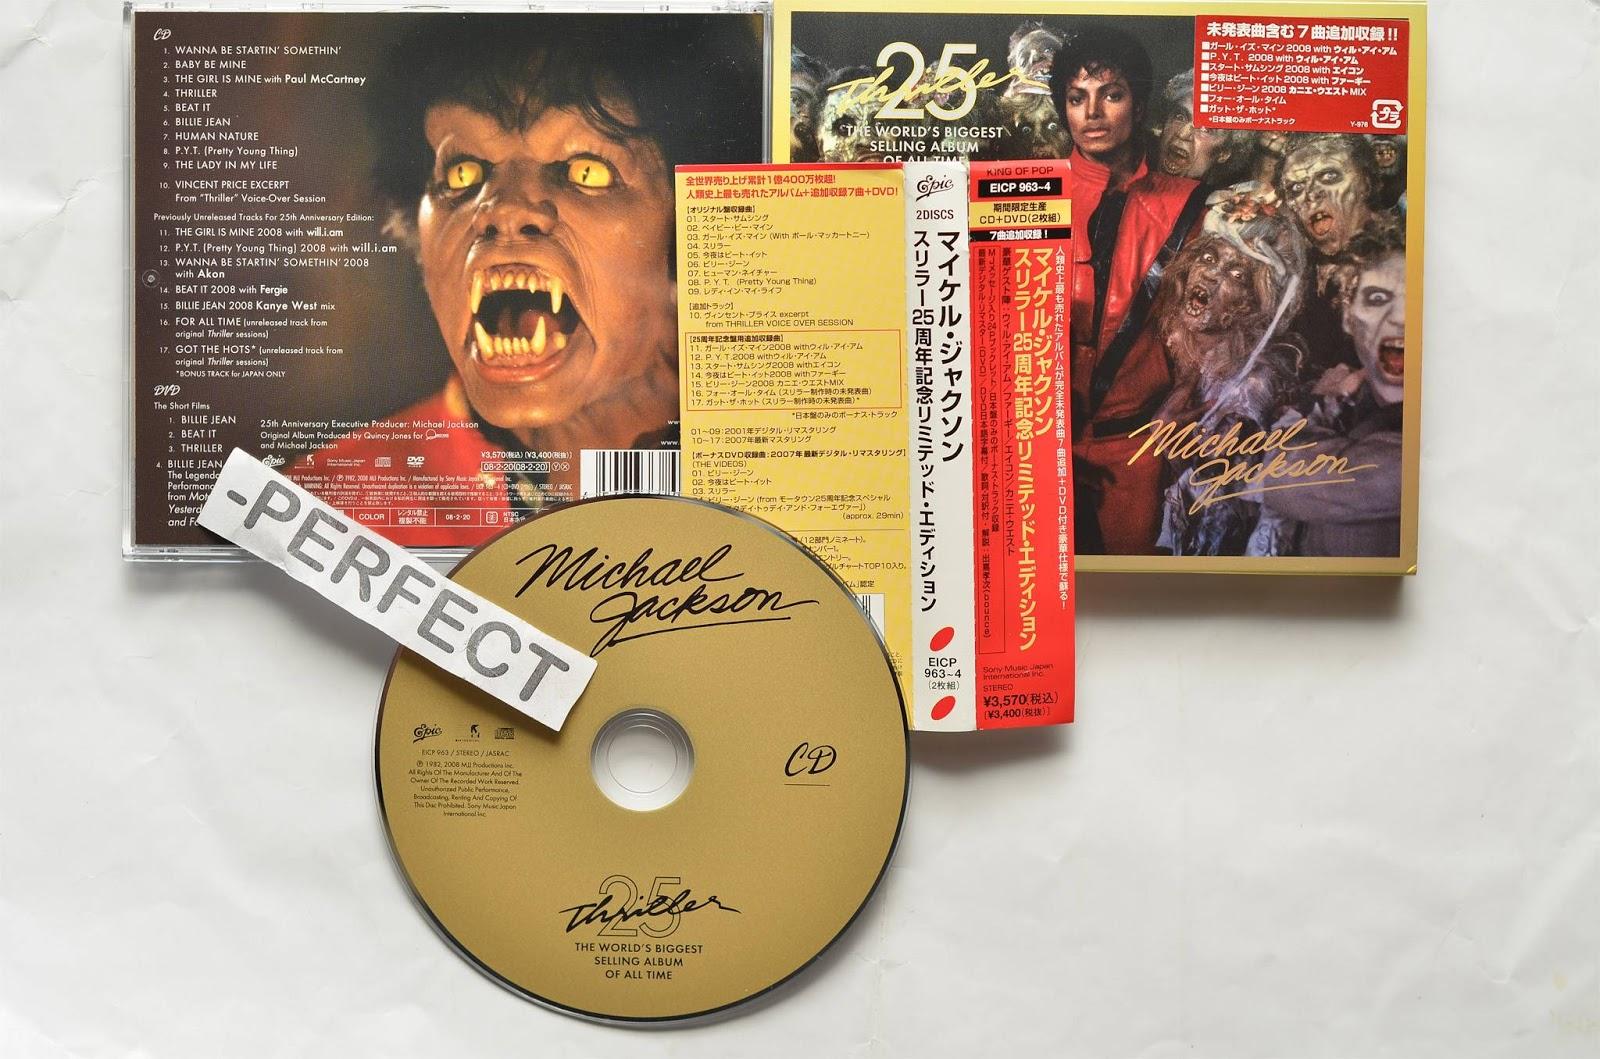 http://3.bp.blogspot.com/-sPdNh3n-3vQ/UJJooCZUrnI/AAAAAAAAC5M/2KfPe3xFsB0/s1600/michael+jackson+thriller+cd+cover.jpg